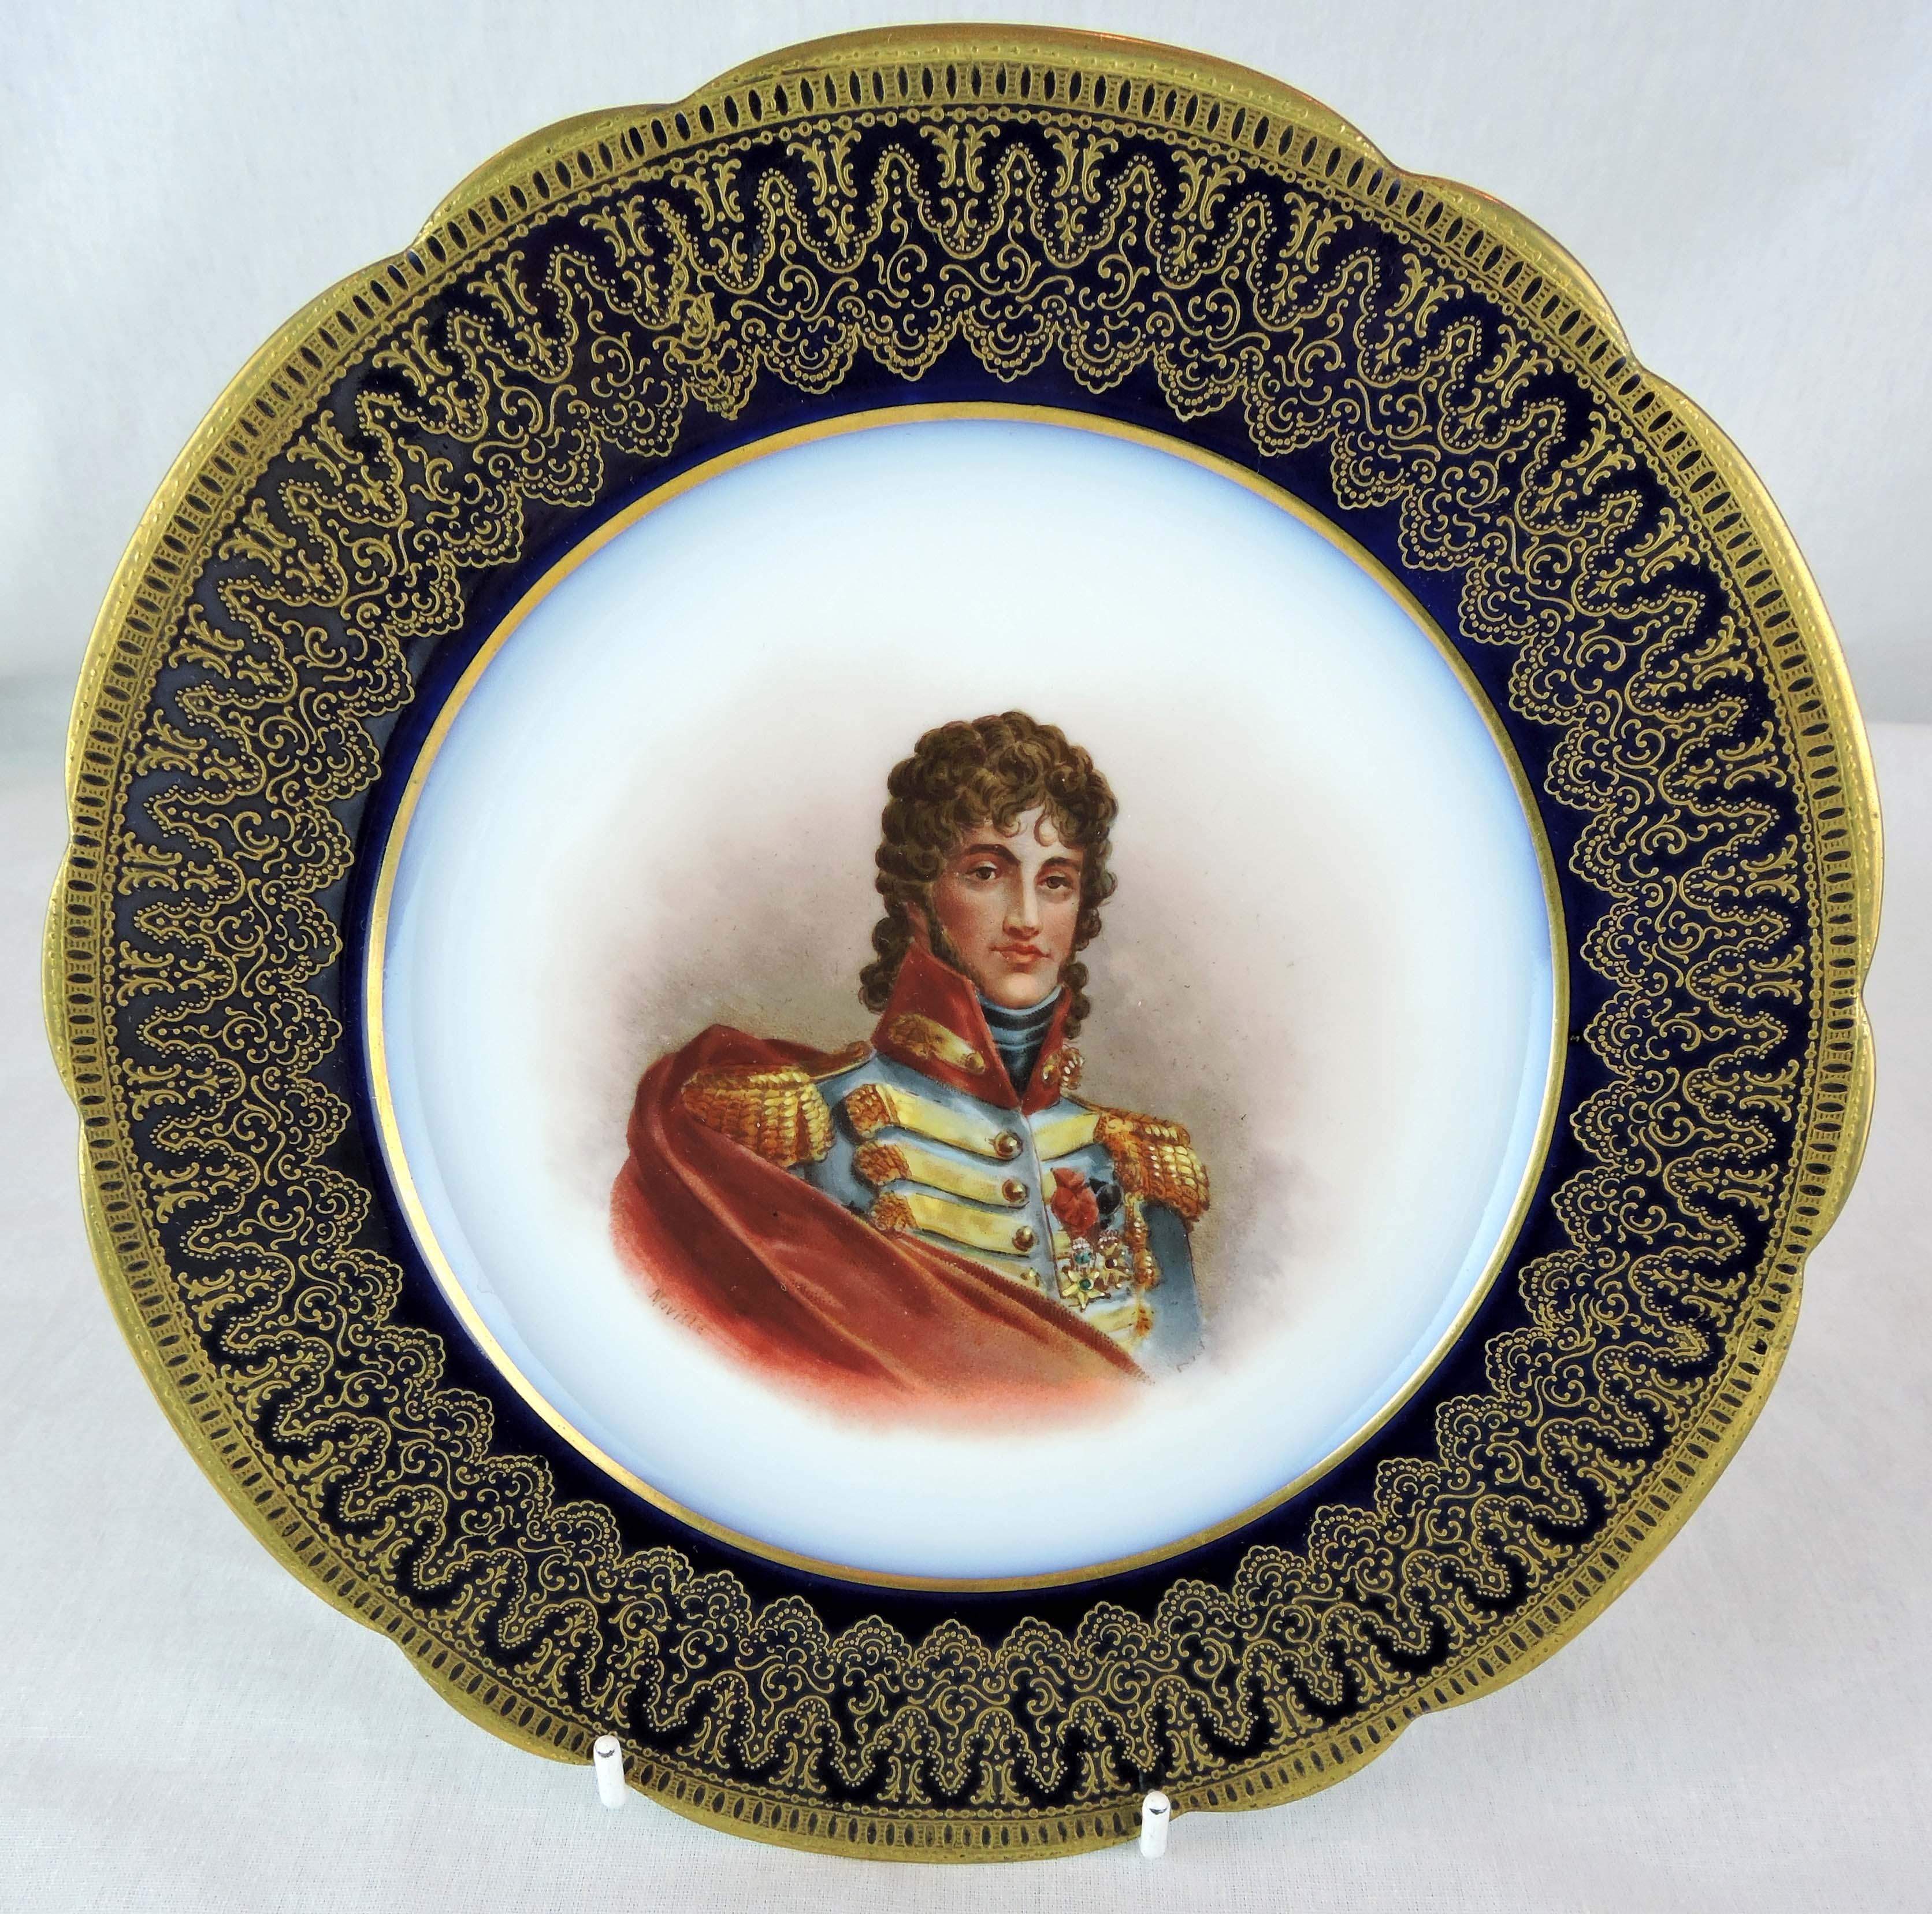 Pair of Napoleon III Sevres Portrait Plates 1860 Mdme Pompadour / Marat For Sale at 1stdibs  sc 1 st  1stDibs & Pair of Napoleon III Sevres Portrait Plates 1860 Mdme Pompadour ...